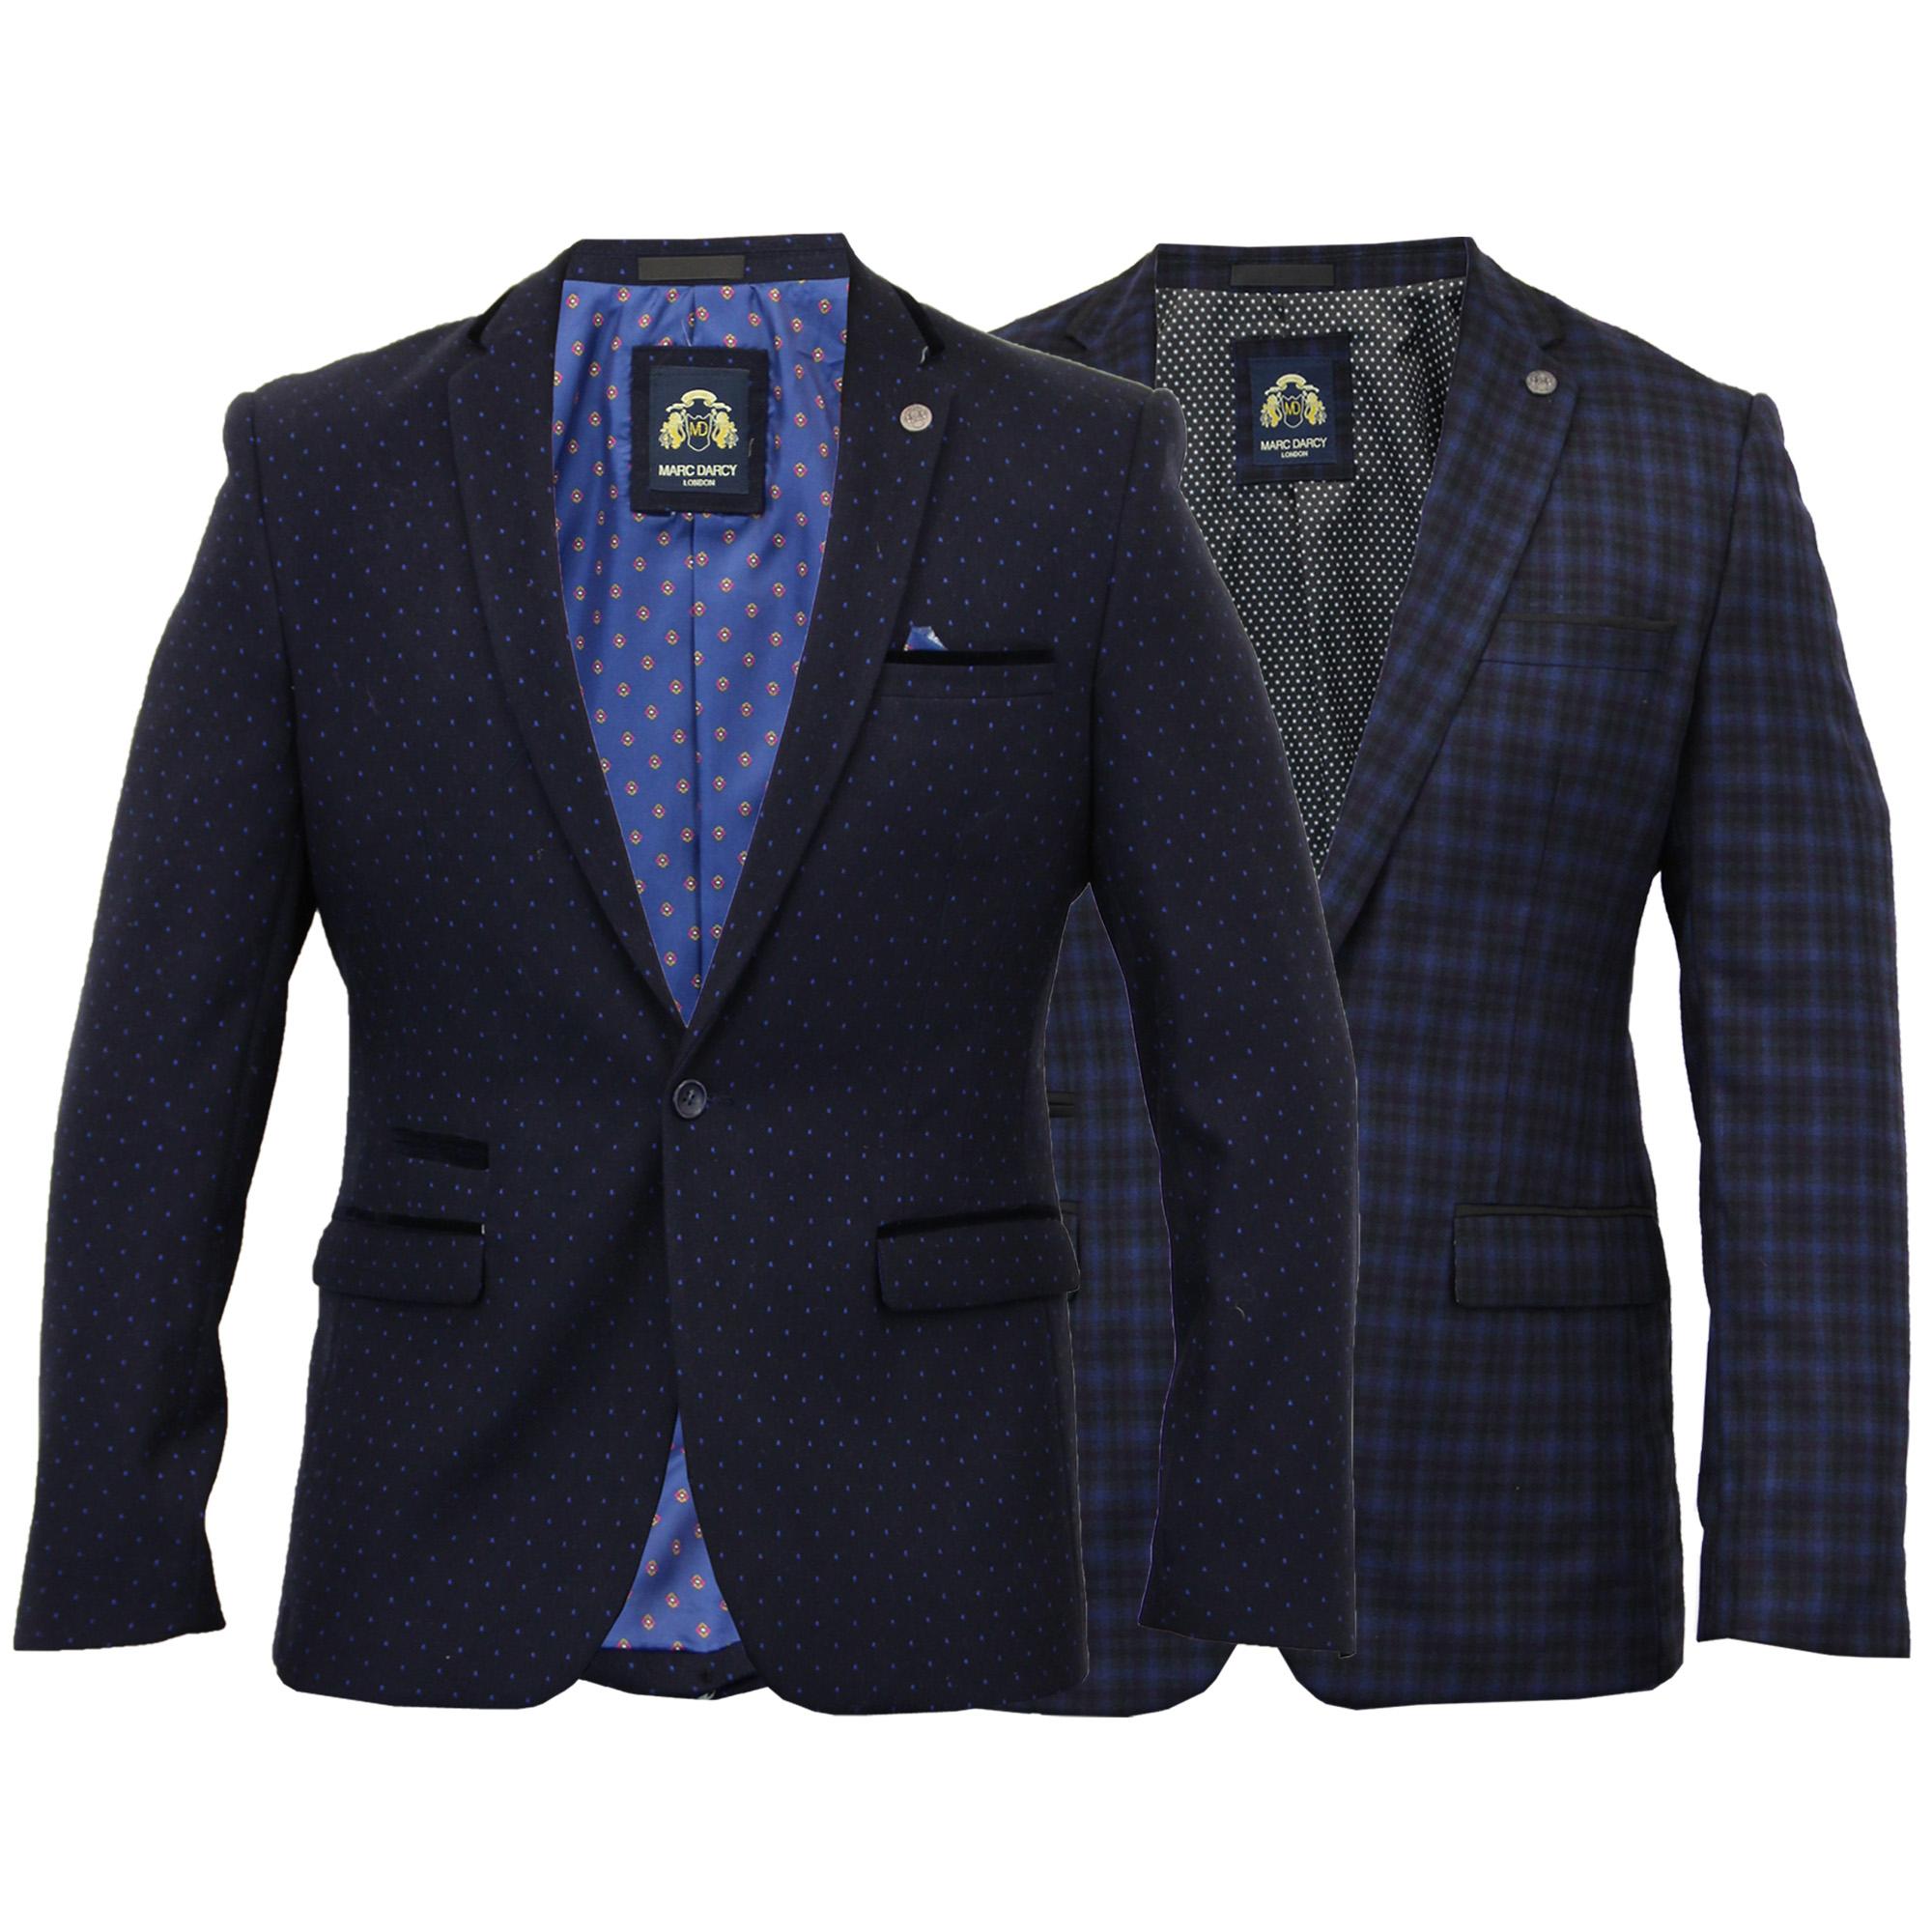 Mens-Blazer-Marc-Darcy-Formal-Coat-Tartan-Check-Dinner-Suit-Jacket-Designer-New thumbnail 3